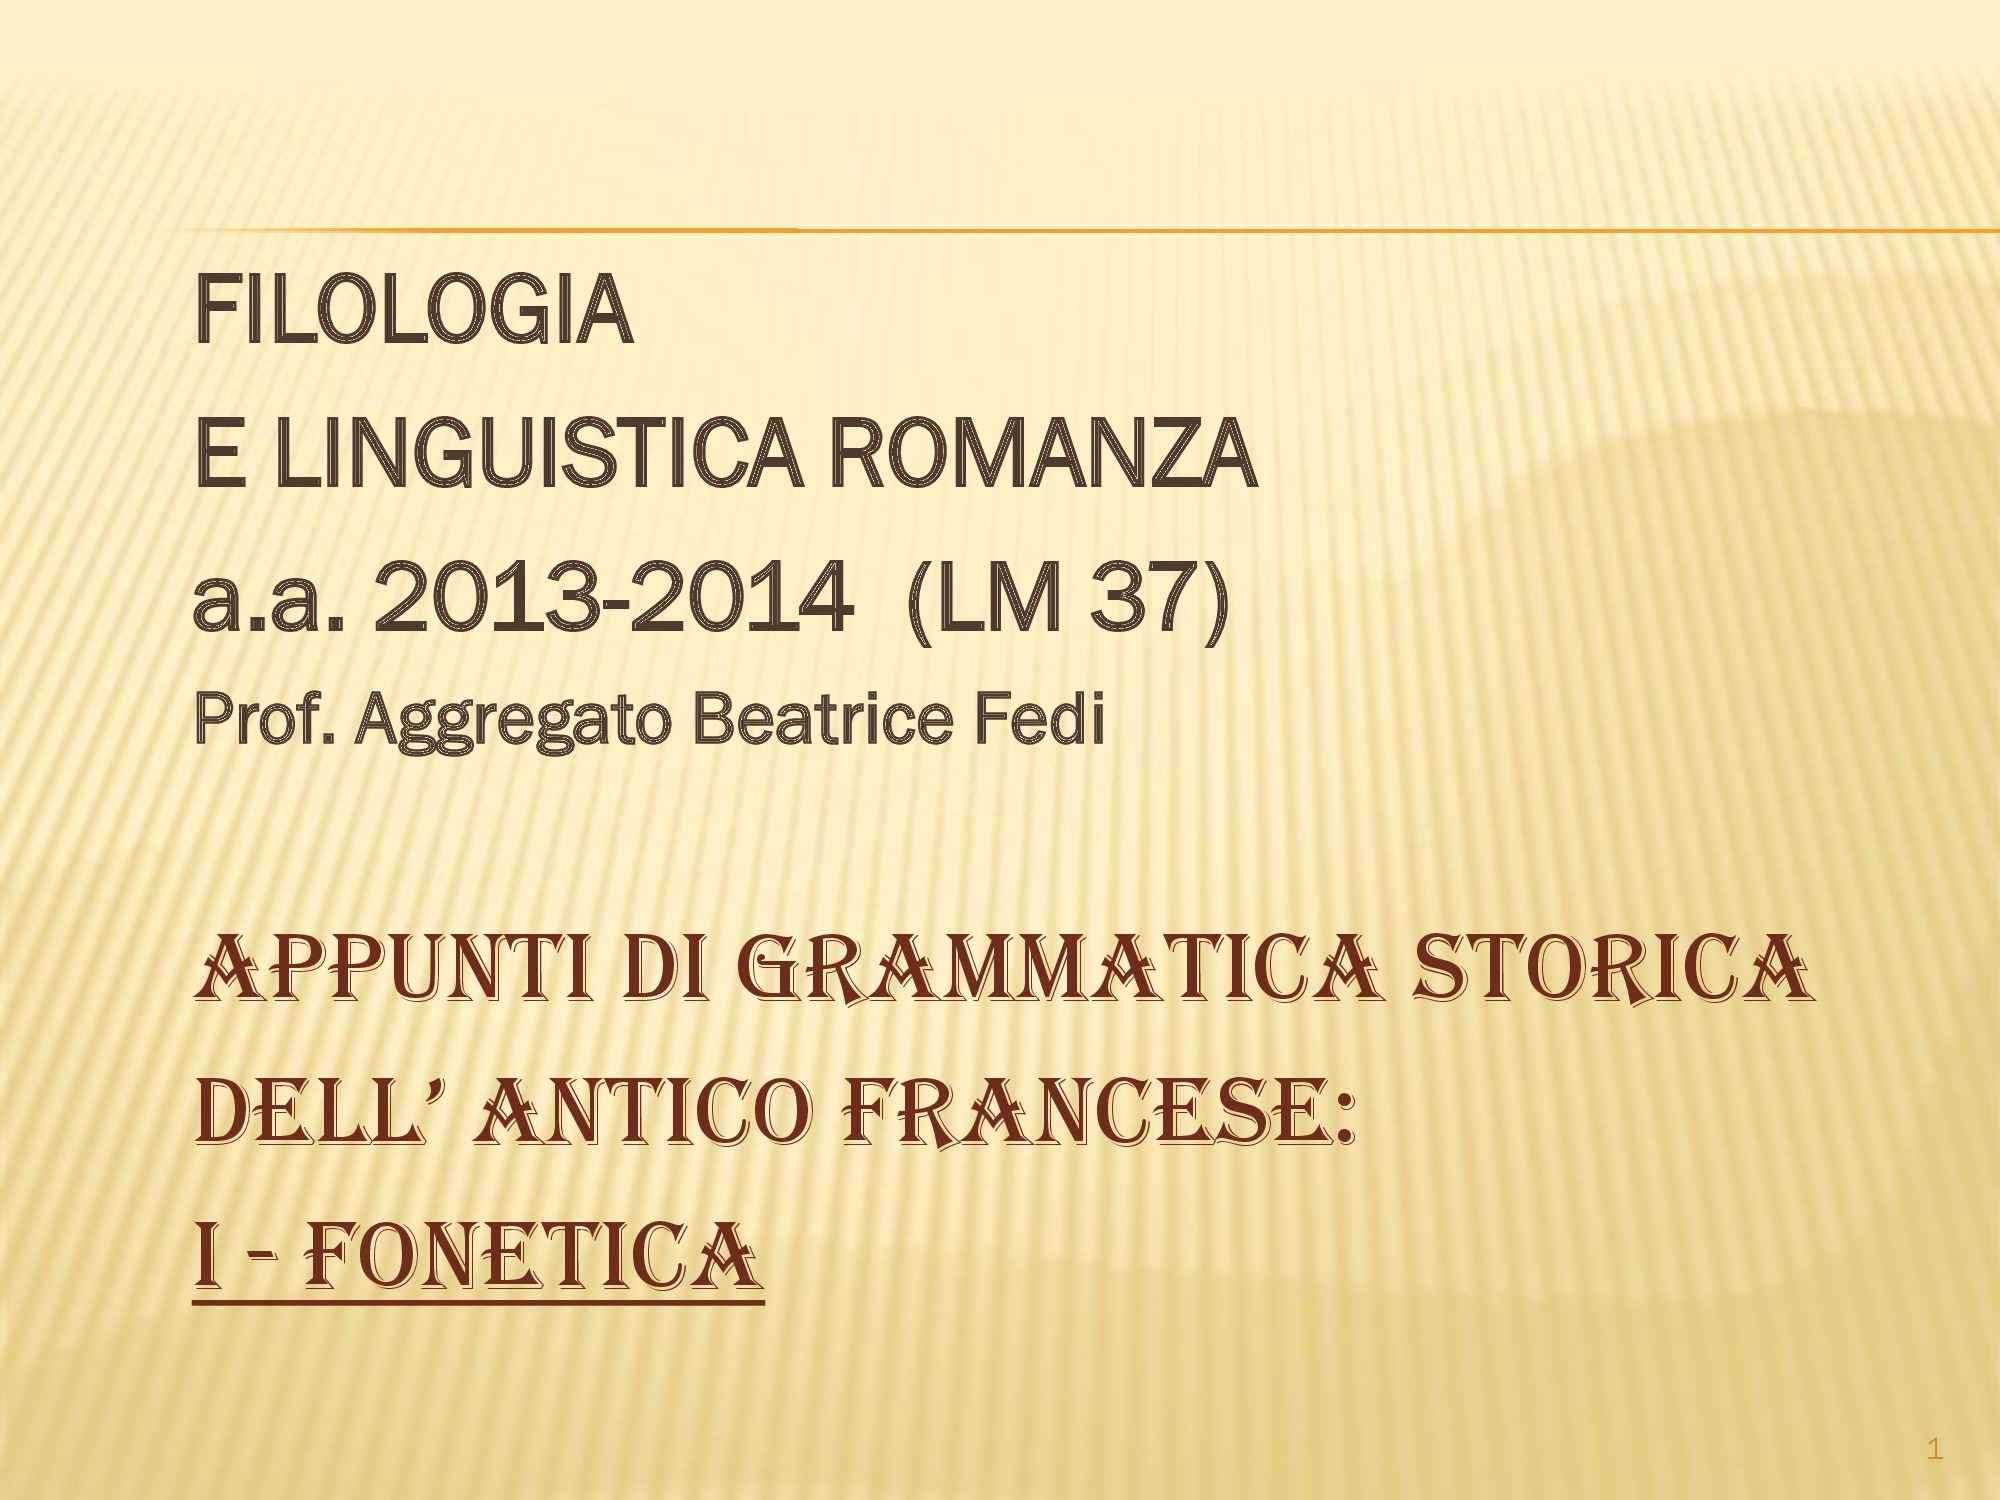 Fonetica, grammatica storica dell'antico francese